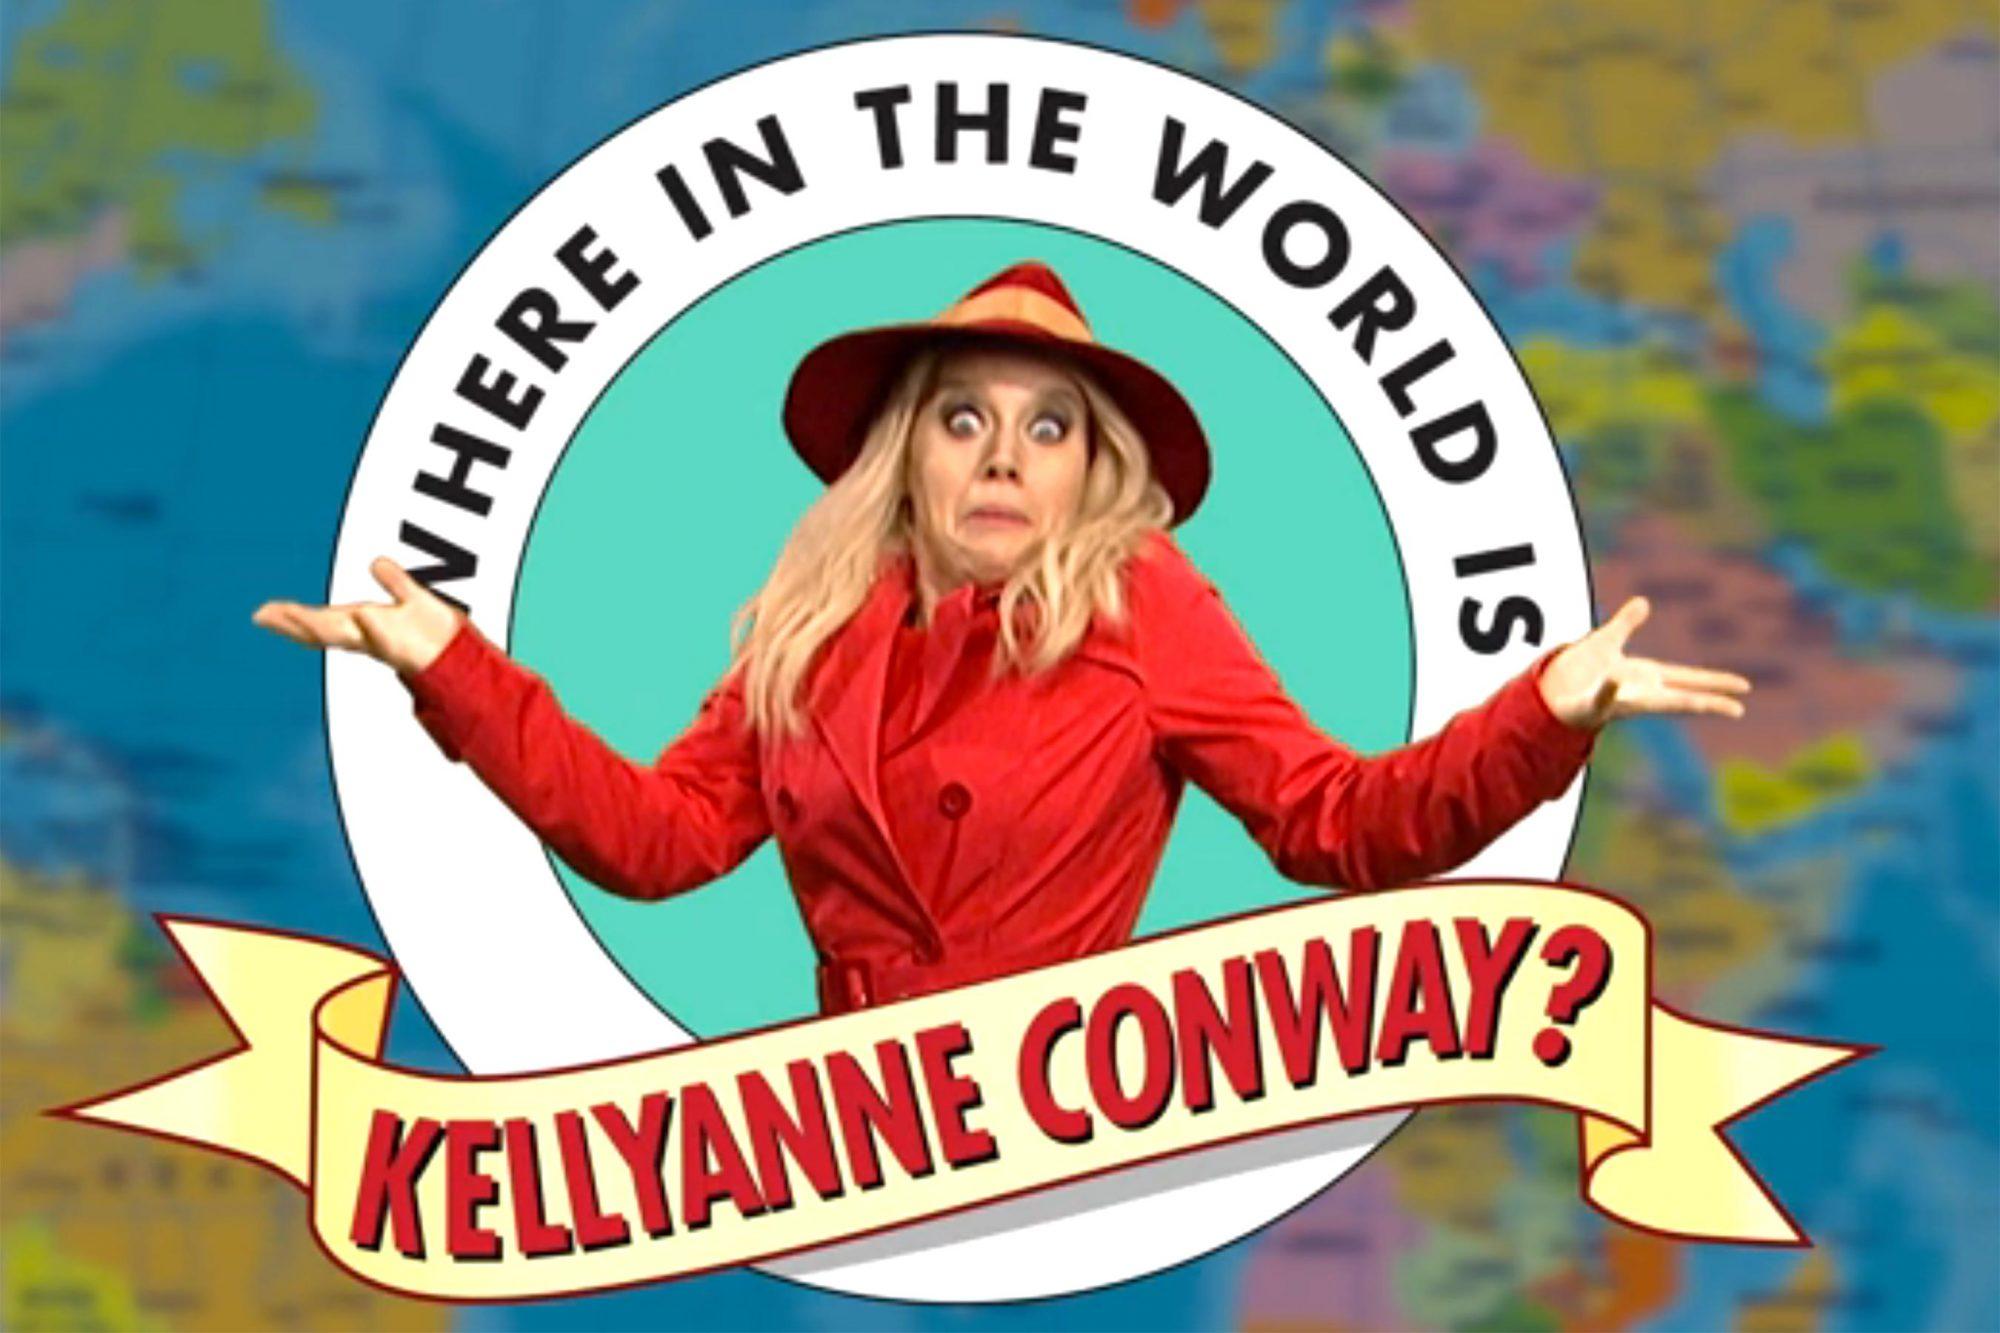 SNL Kellyanne Conway